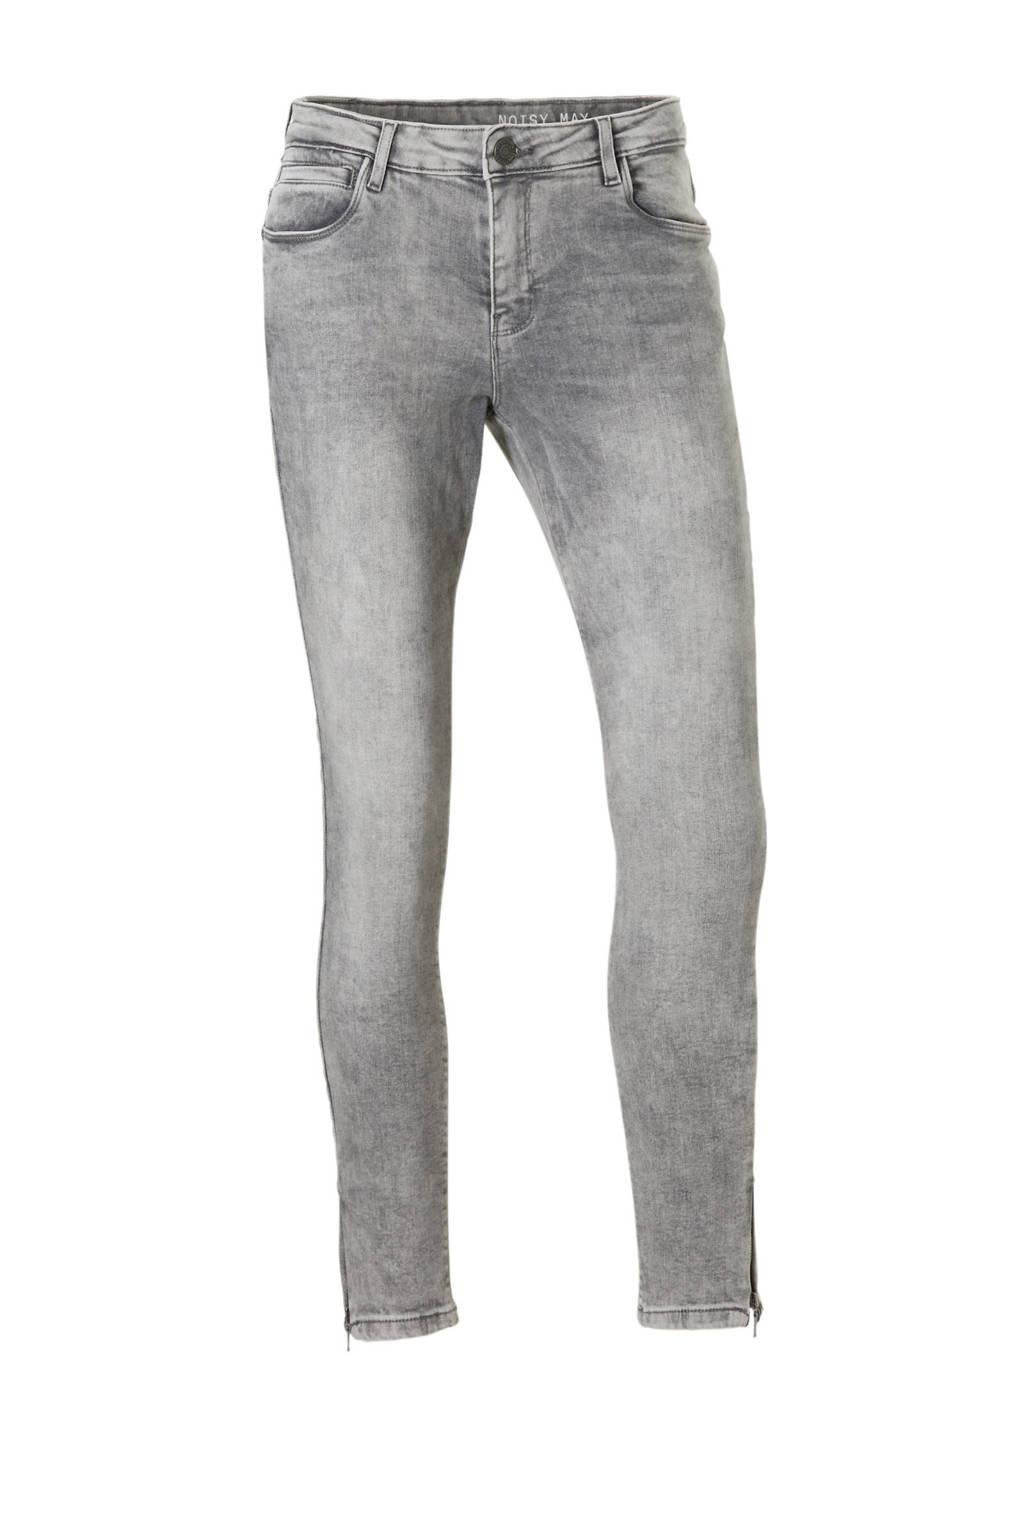 Noisy may jeans, Grijs